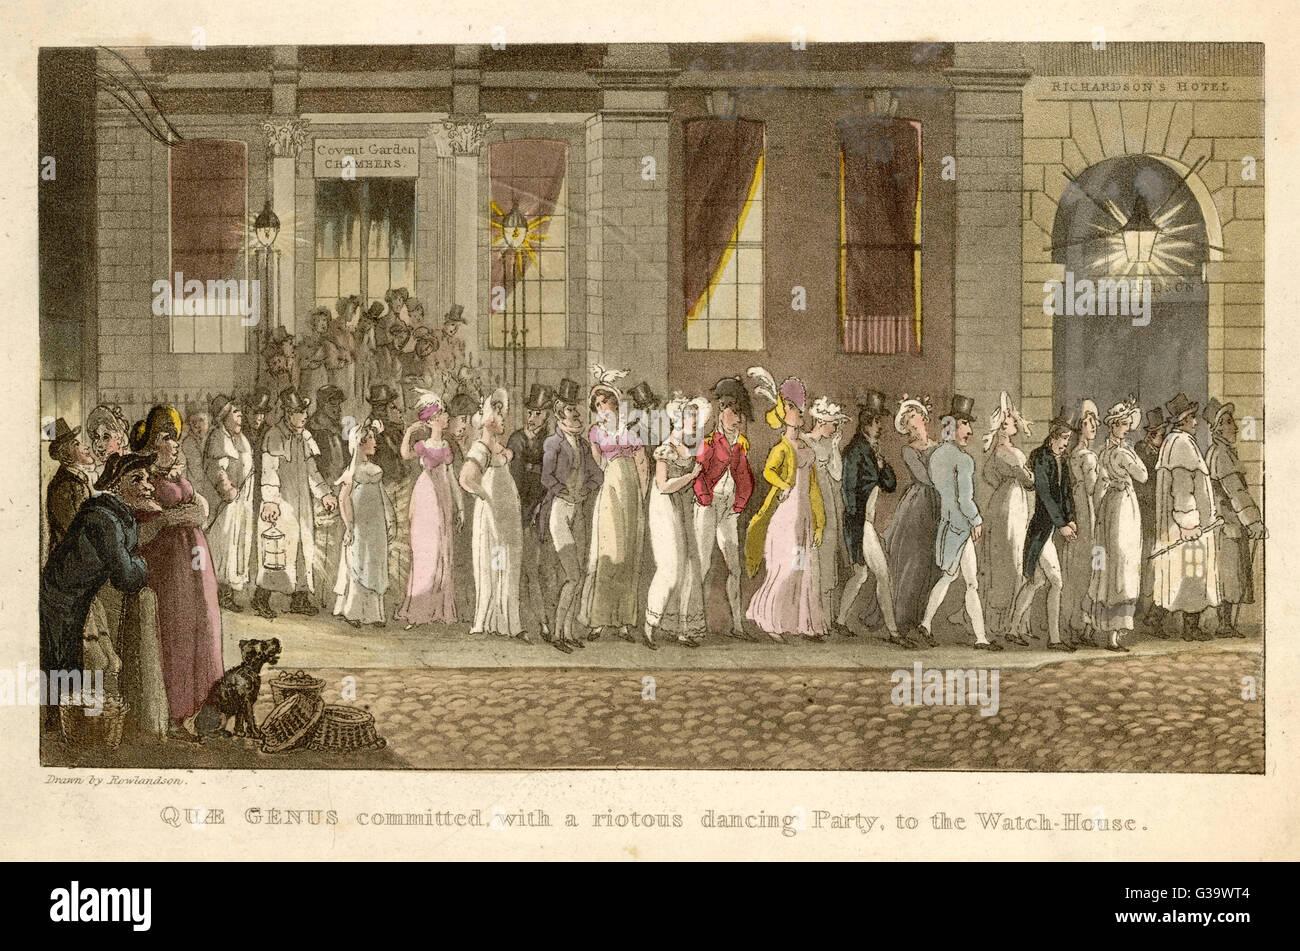 Quae Género comprometidos, con una fiesta de baile de delirantes, al Watch-House. Fecha: 1821 Imagen De Stock